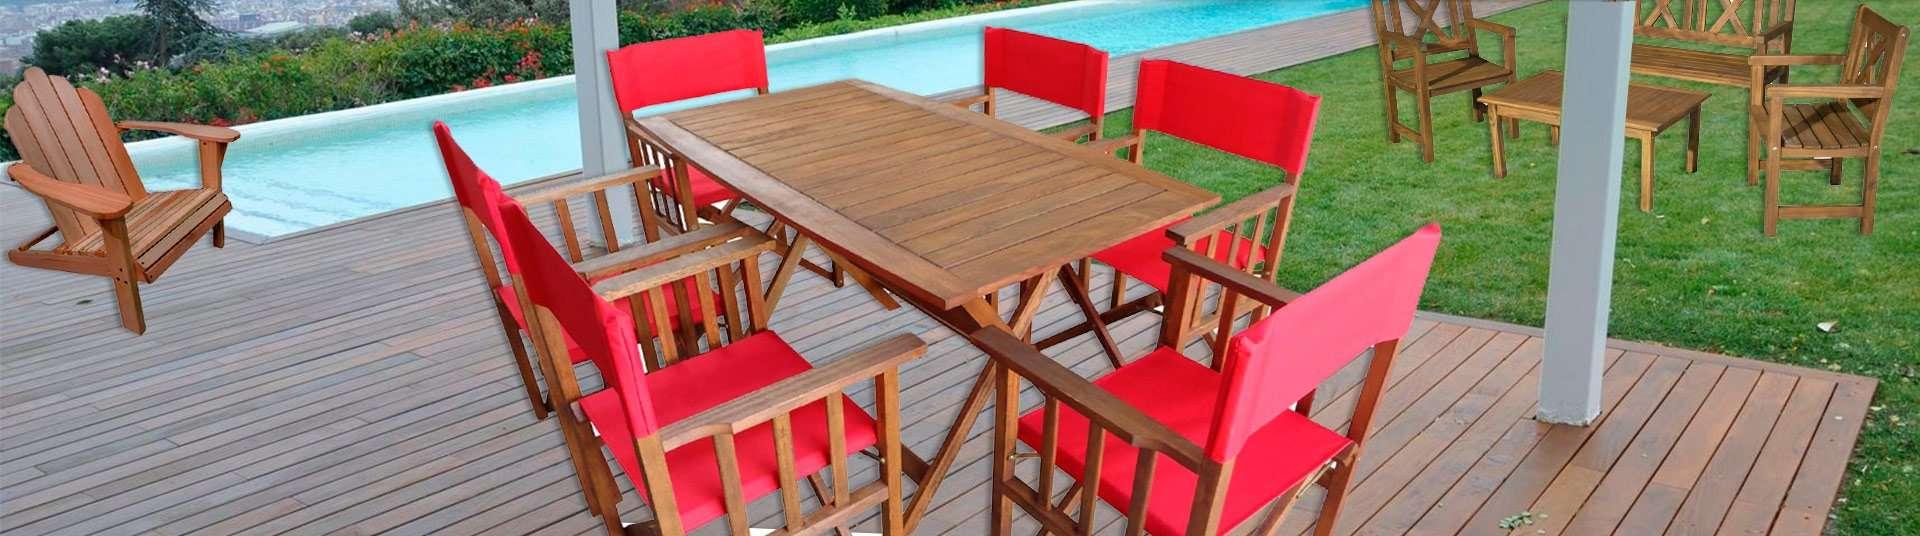 Muebles de Jardin | Forestry | Muebles de Exterior | Mesas para Bar